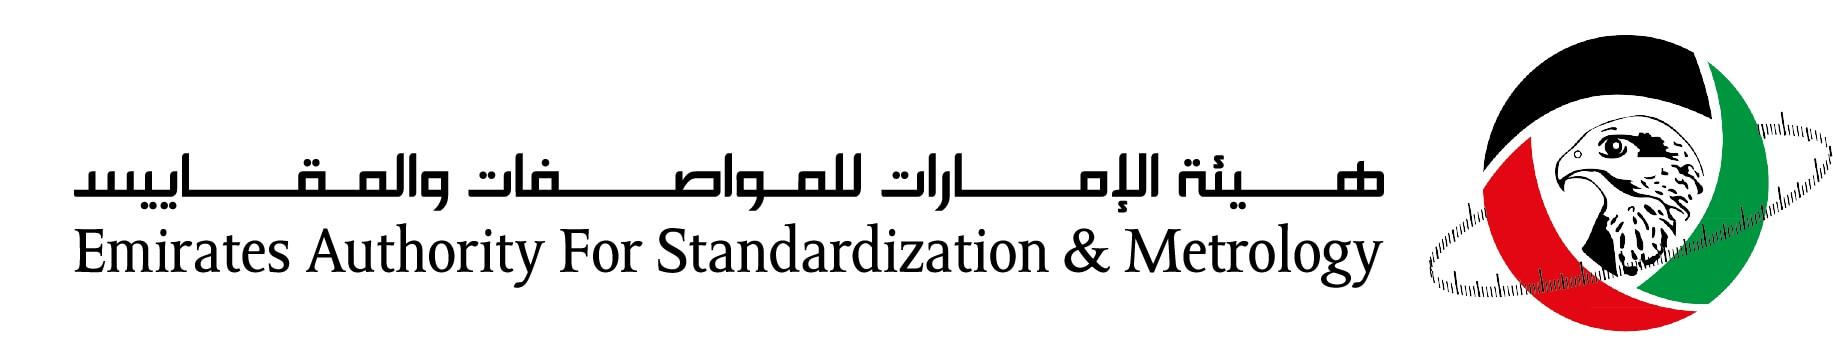 Emirates Authority for Standardization & Metrology